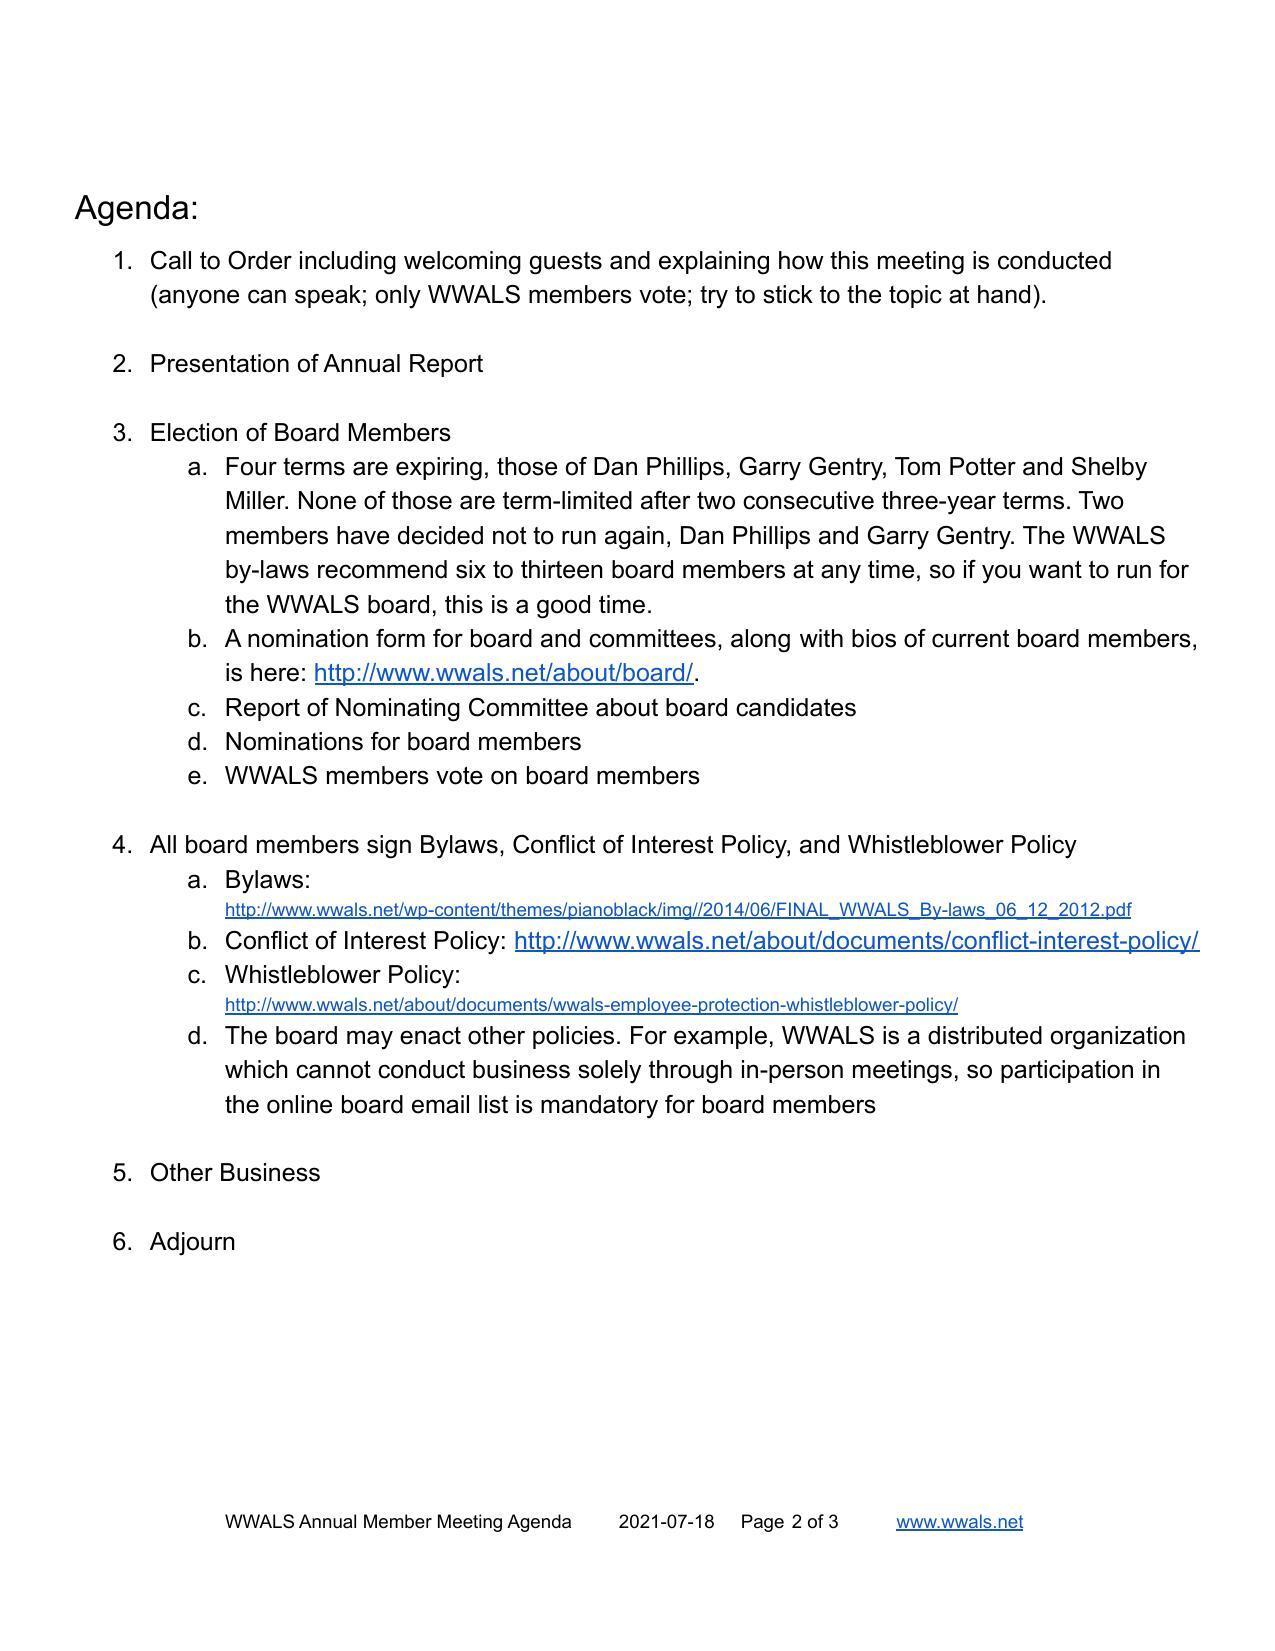 [What: Annual Member Meeting 2021-07-18]